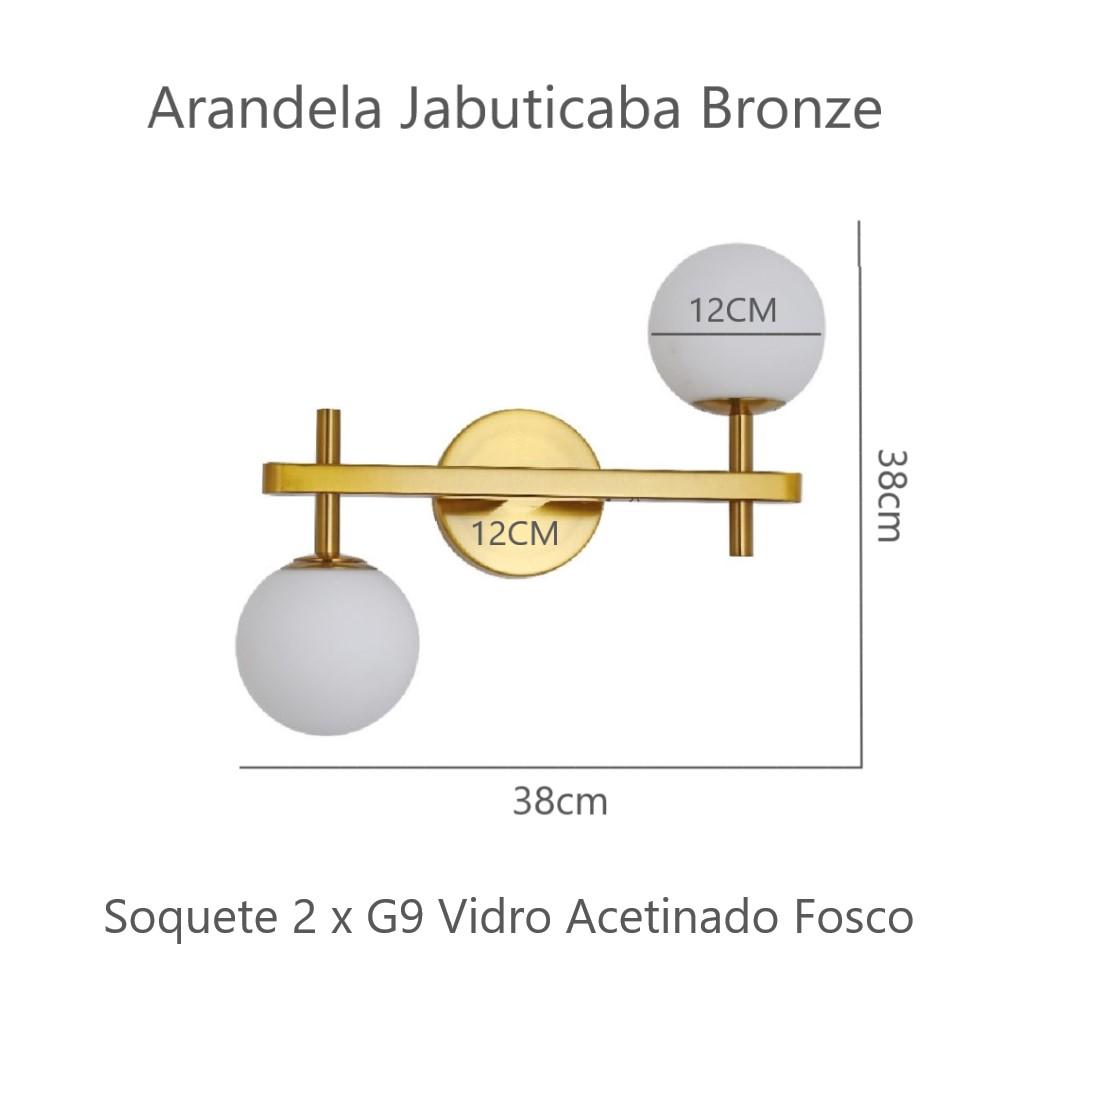 Arandela Jabuticaba Bronze Para Hall de Entrada Escada Sala Quarto Cabeceira de Cama